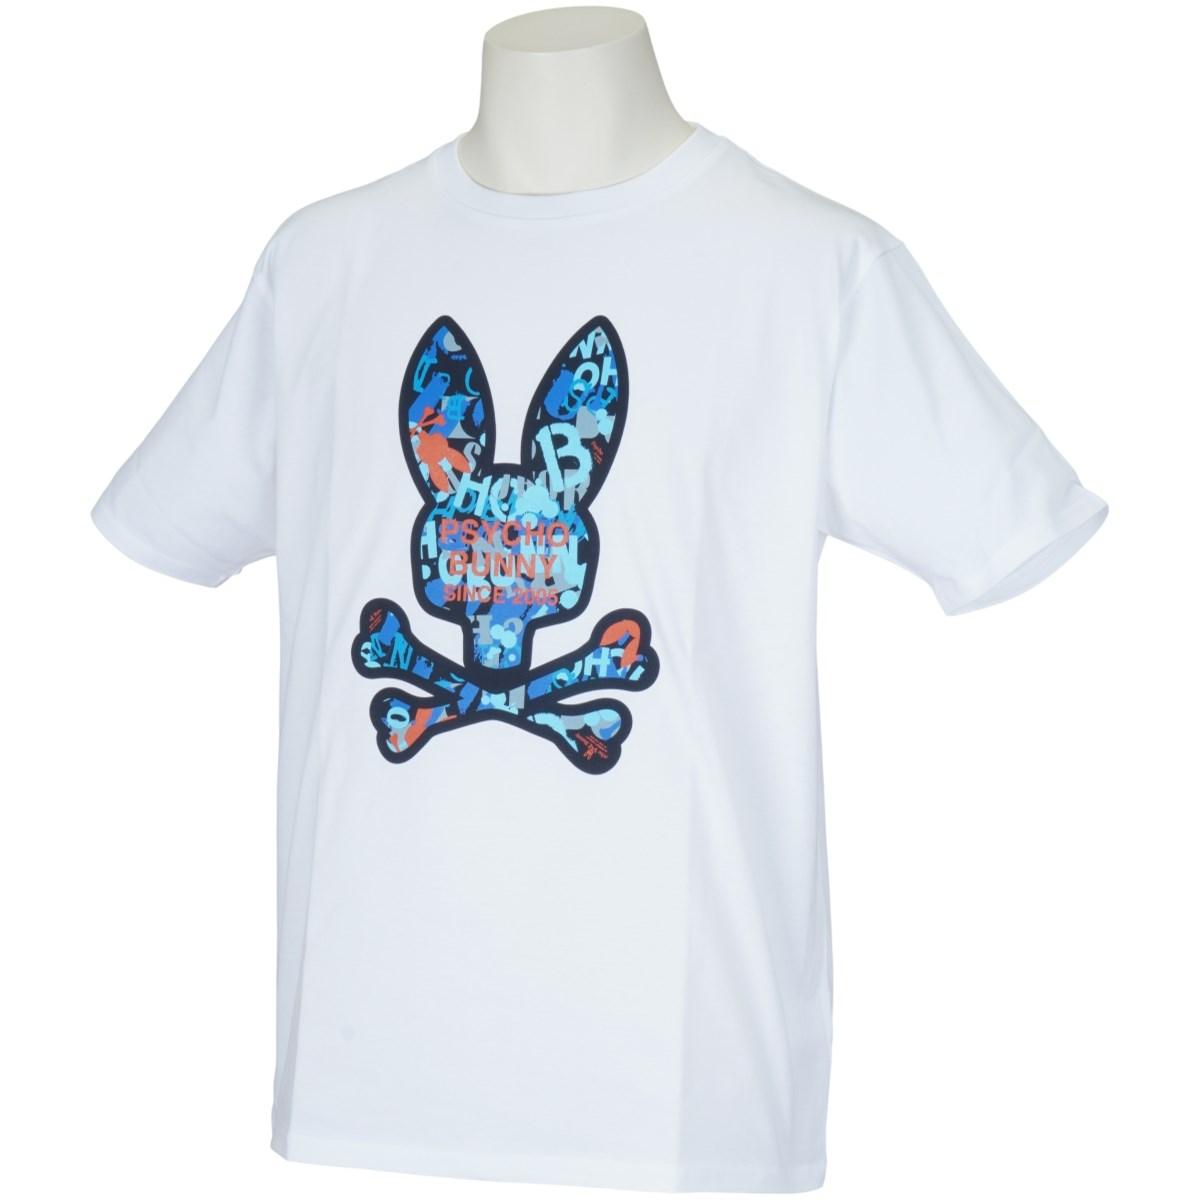 サイコバニー PSYCHO BUNNY グラフィティプリントロゴ半袖Tシャツ M ホワイト